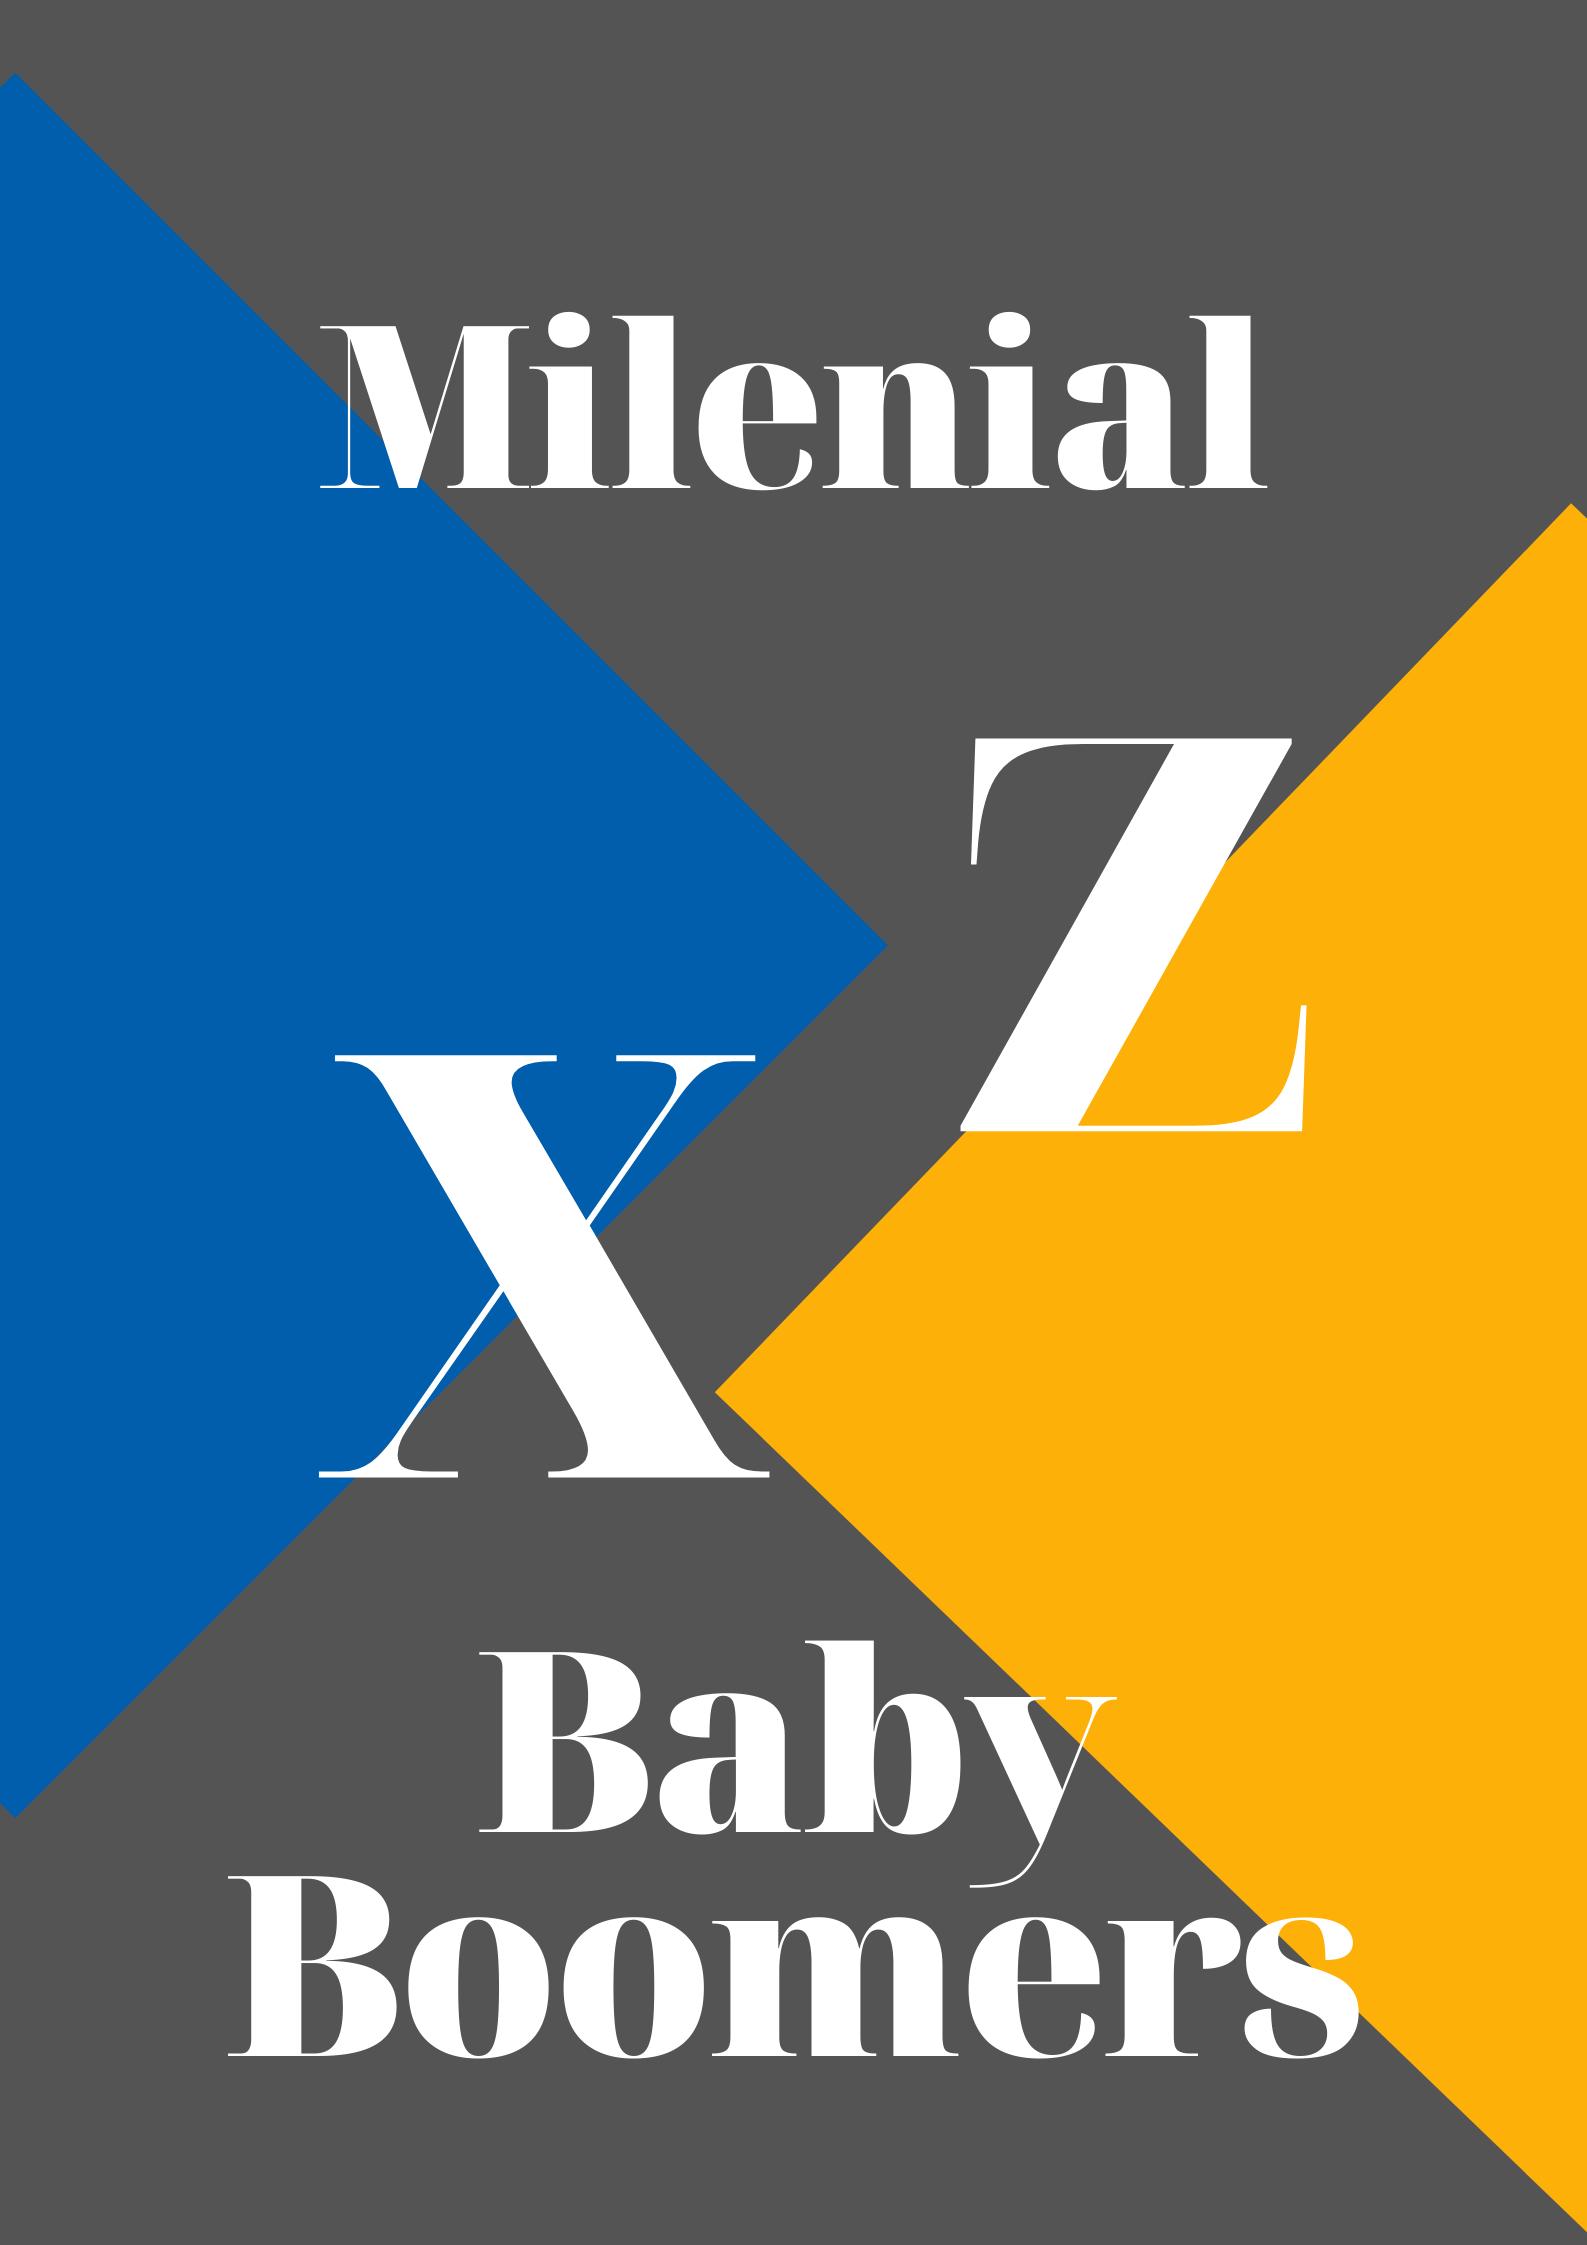 Manusia Dalam Label Generasi